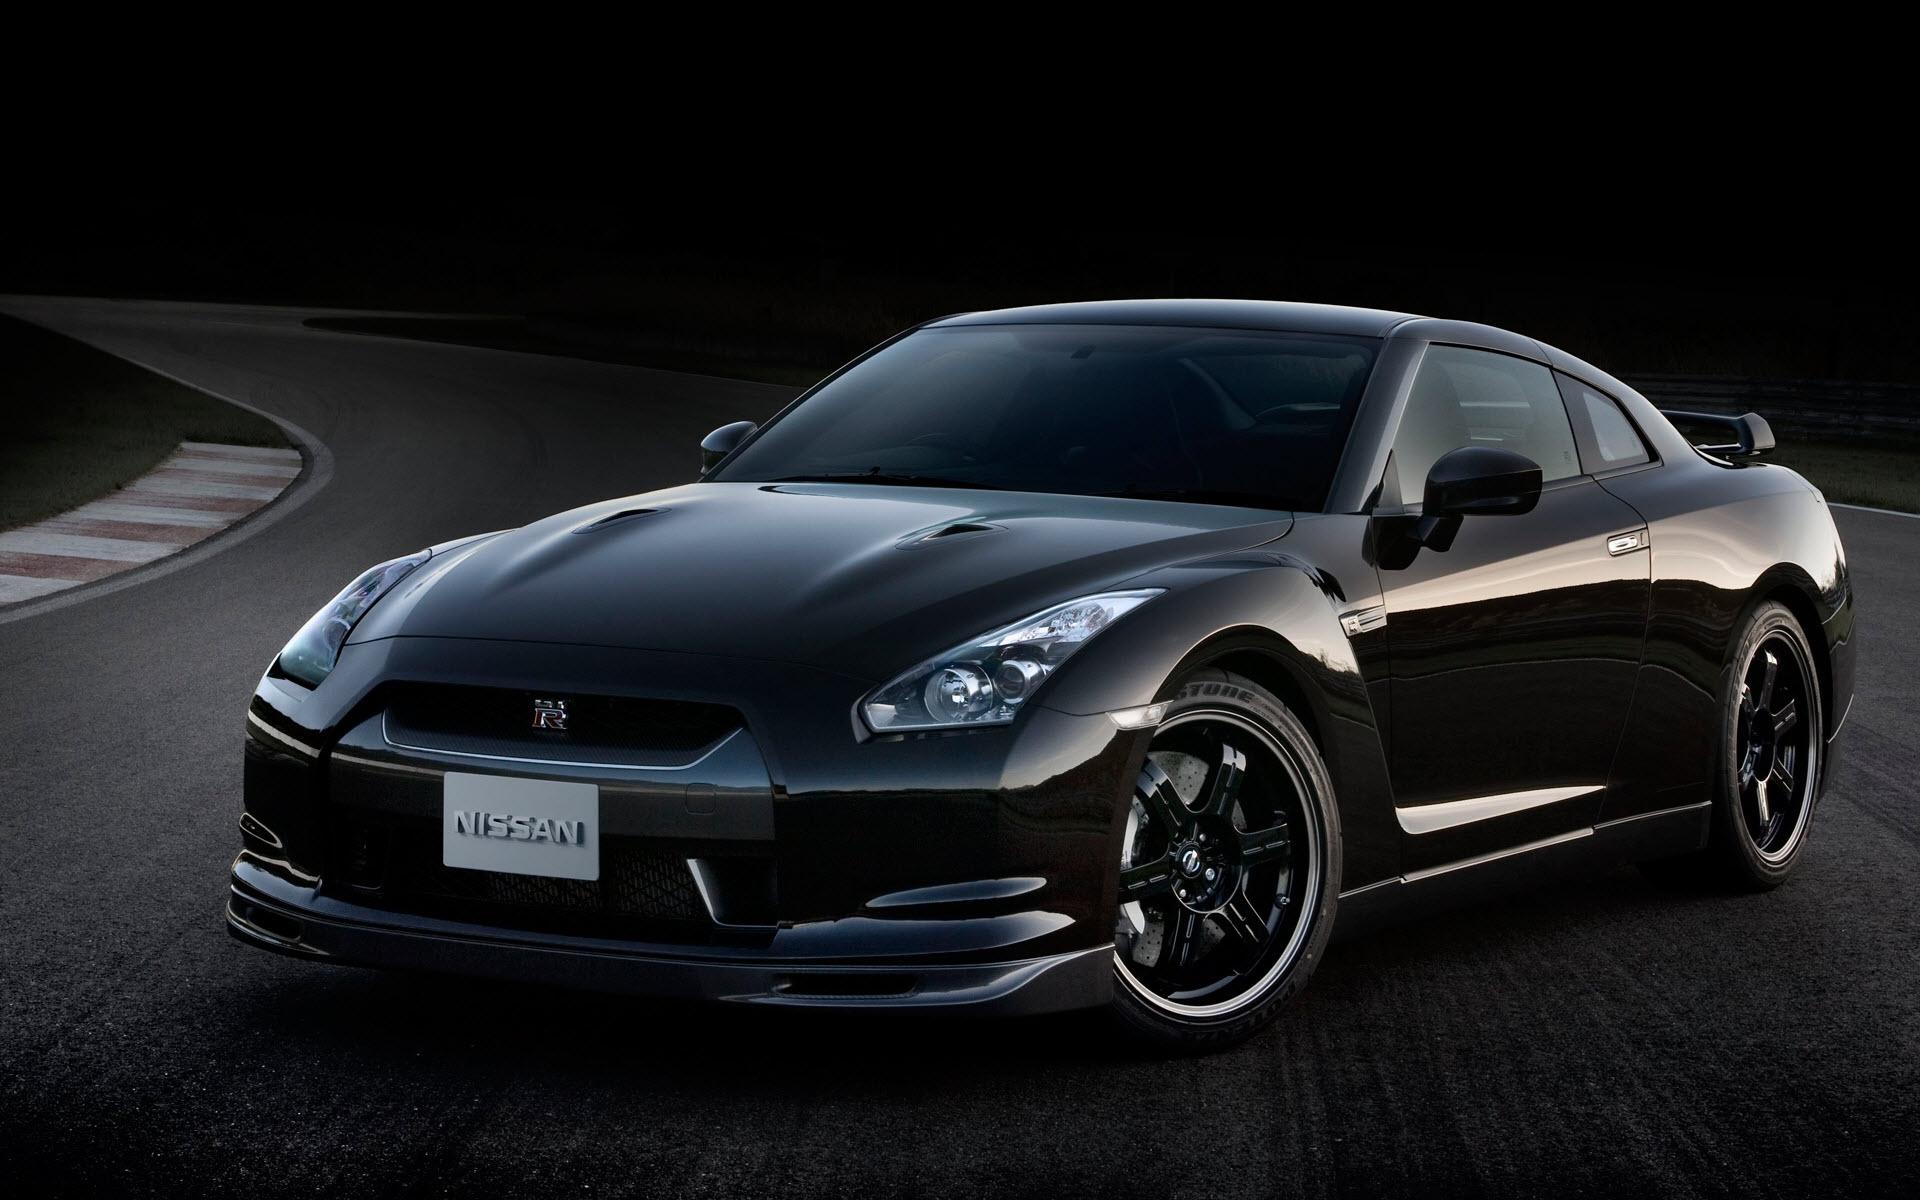 Car Nissan GT-R